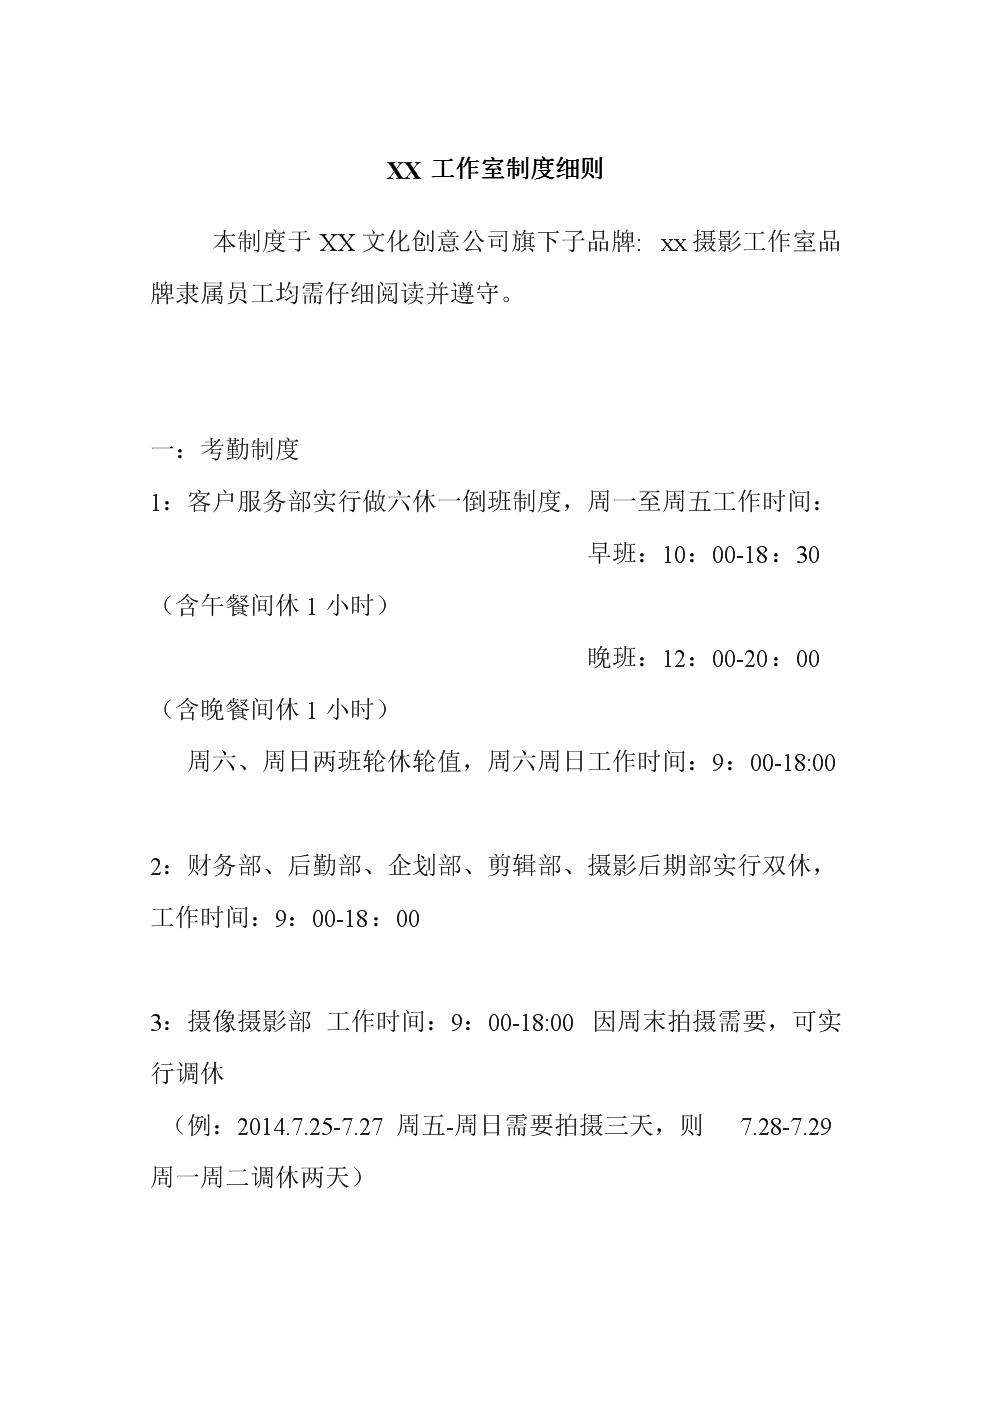 XX影像工作室规章制度.doc